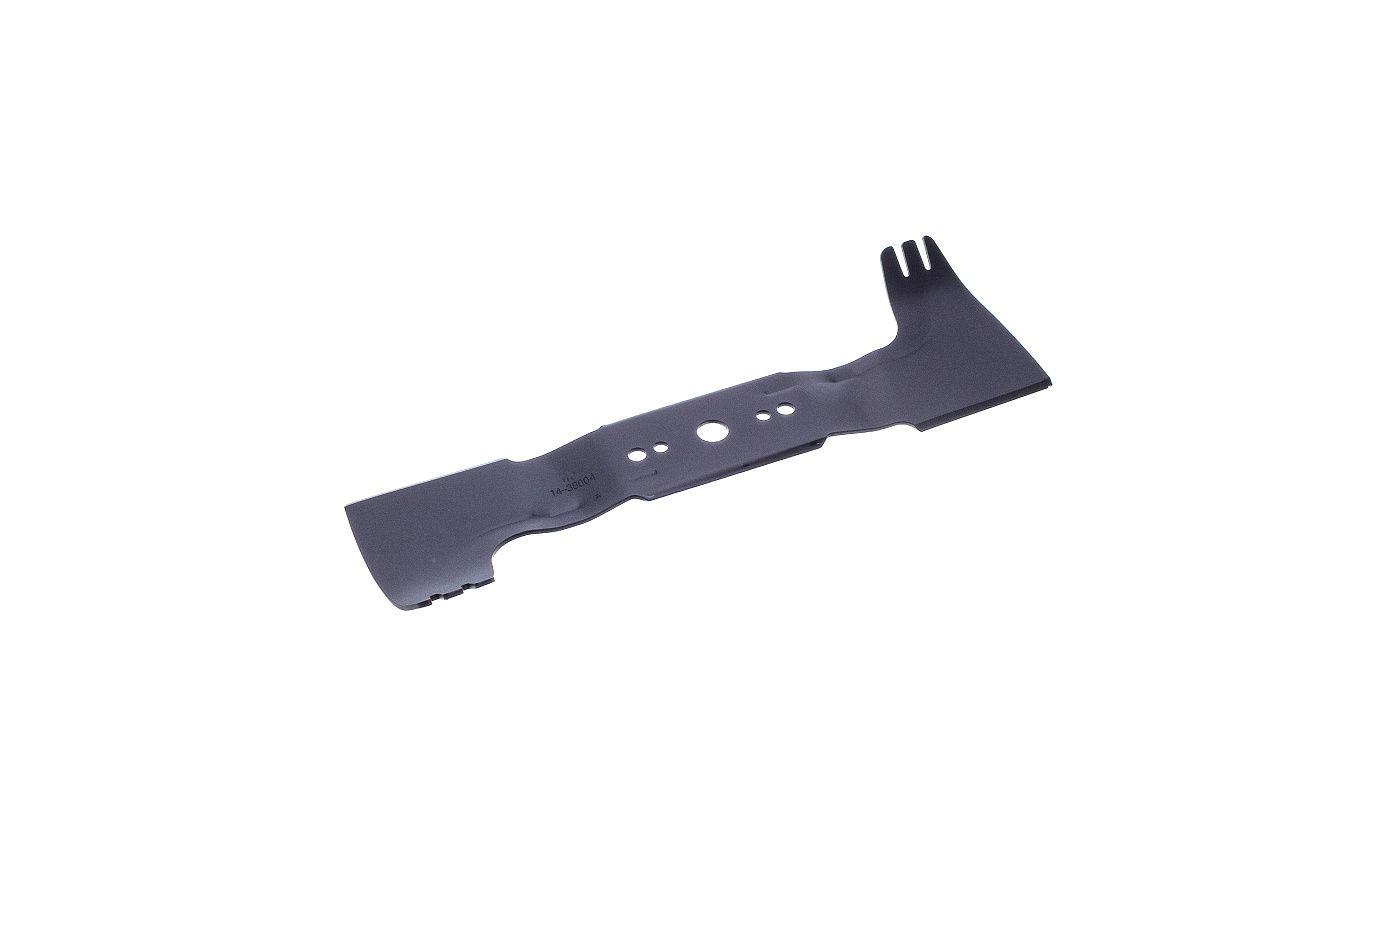 Nôž motorových kosačiek VIKING MB450 ME450 MB455 MB545 ME545 42cm - 63407020100